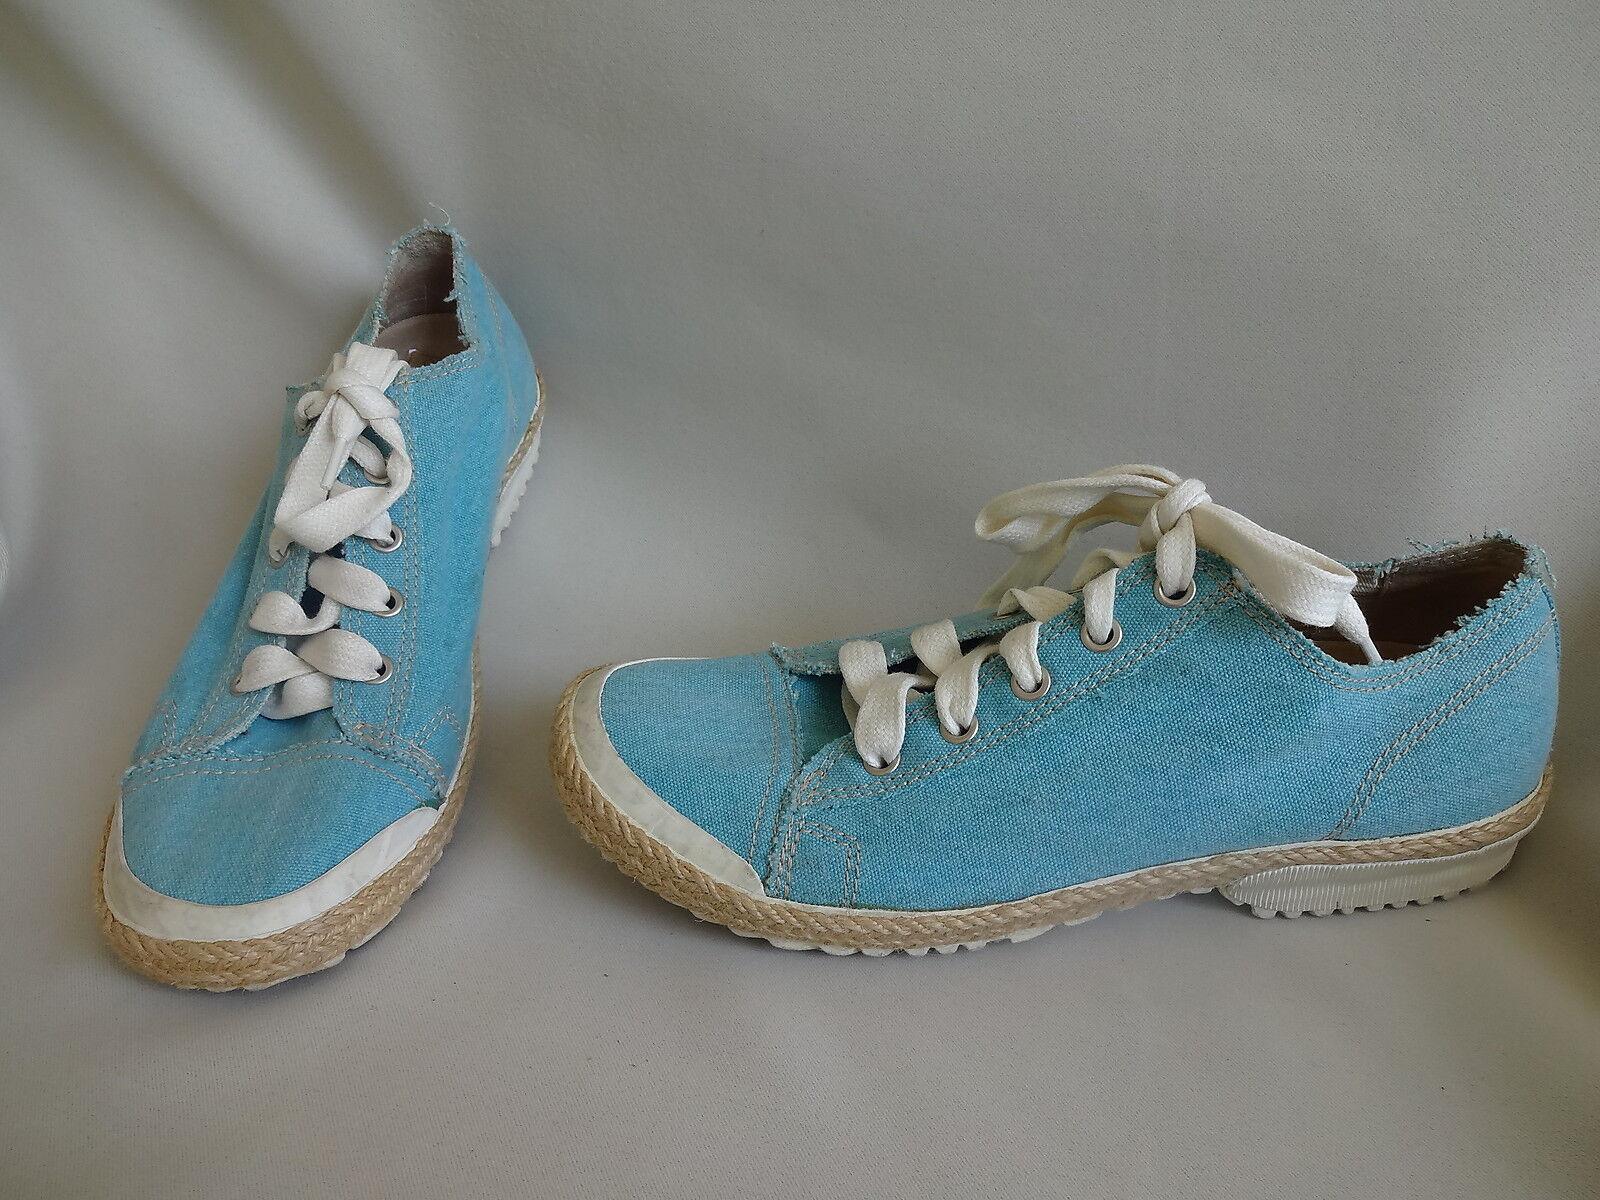 PALLADIUM CHAUSSURE FEMME FILLE TISSUS TOILE BLEU BASKET DERBIES  pt 39 chaussures